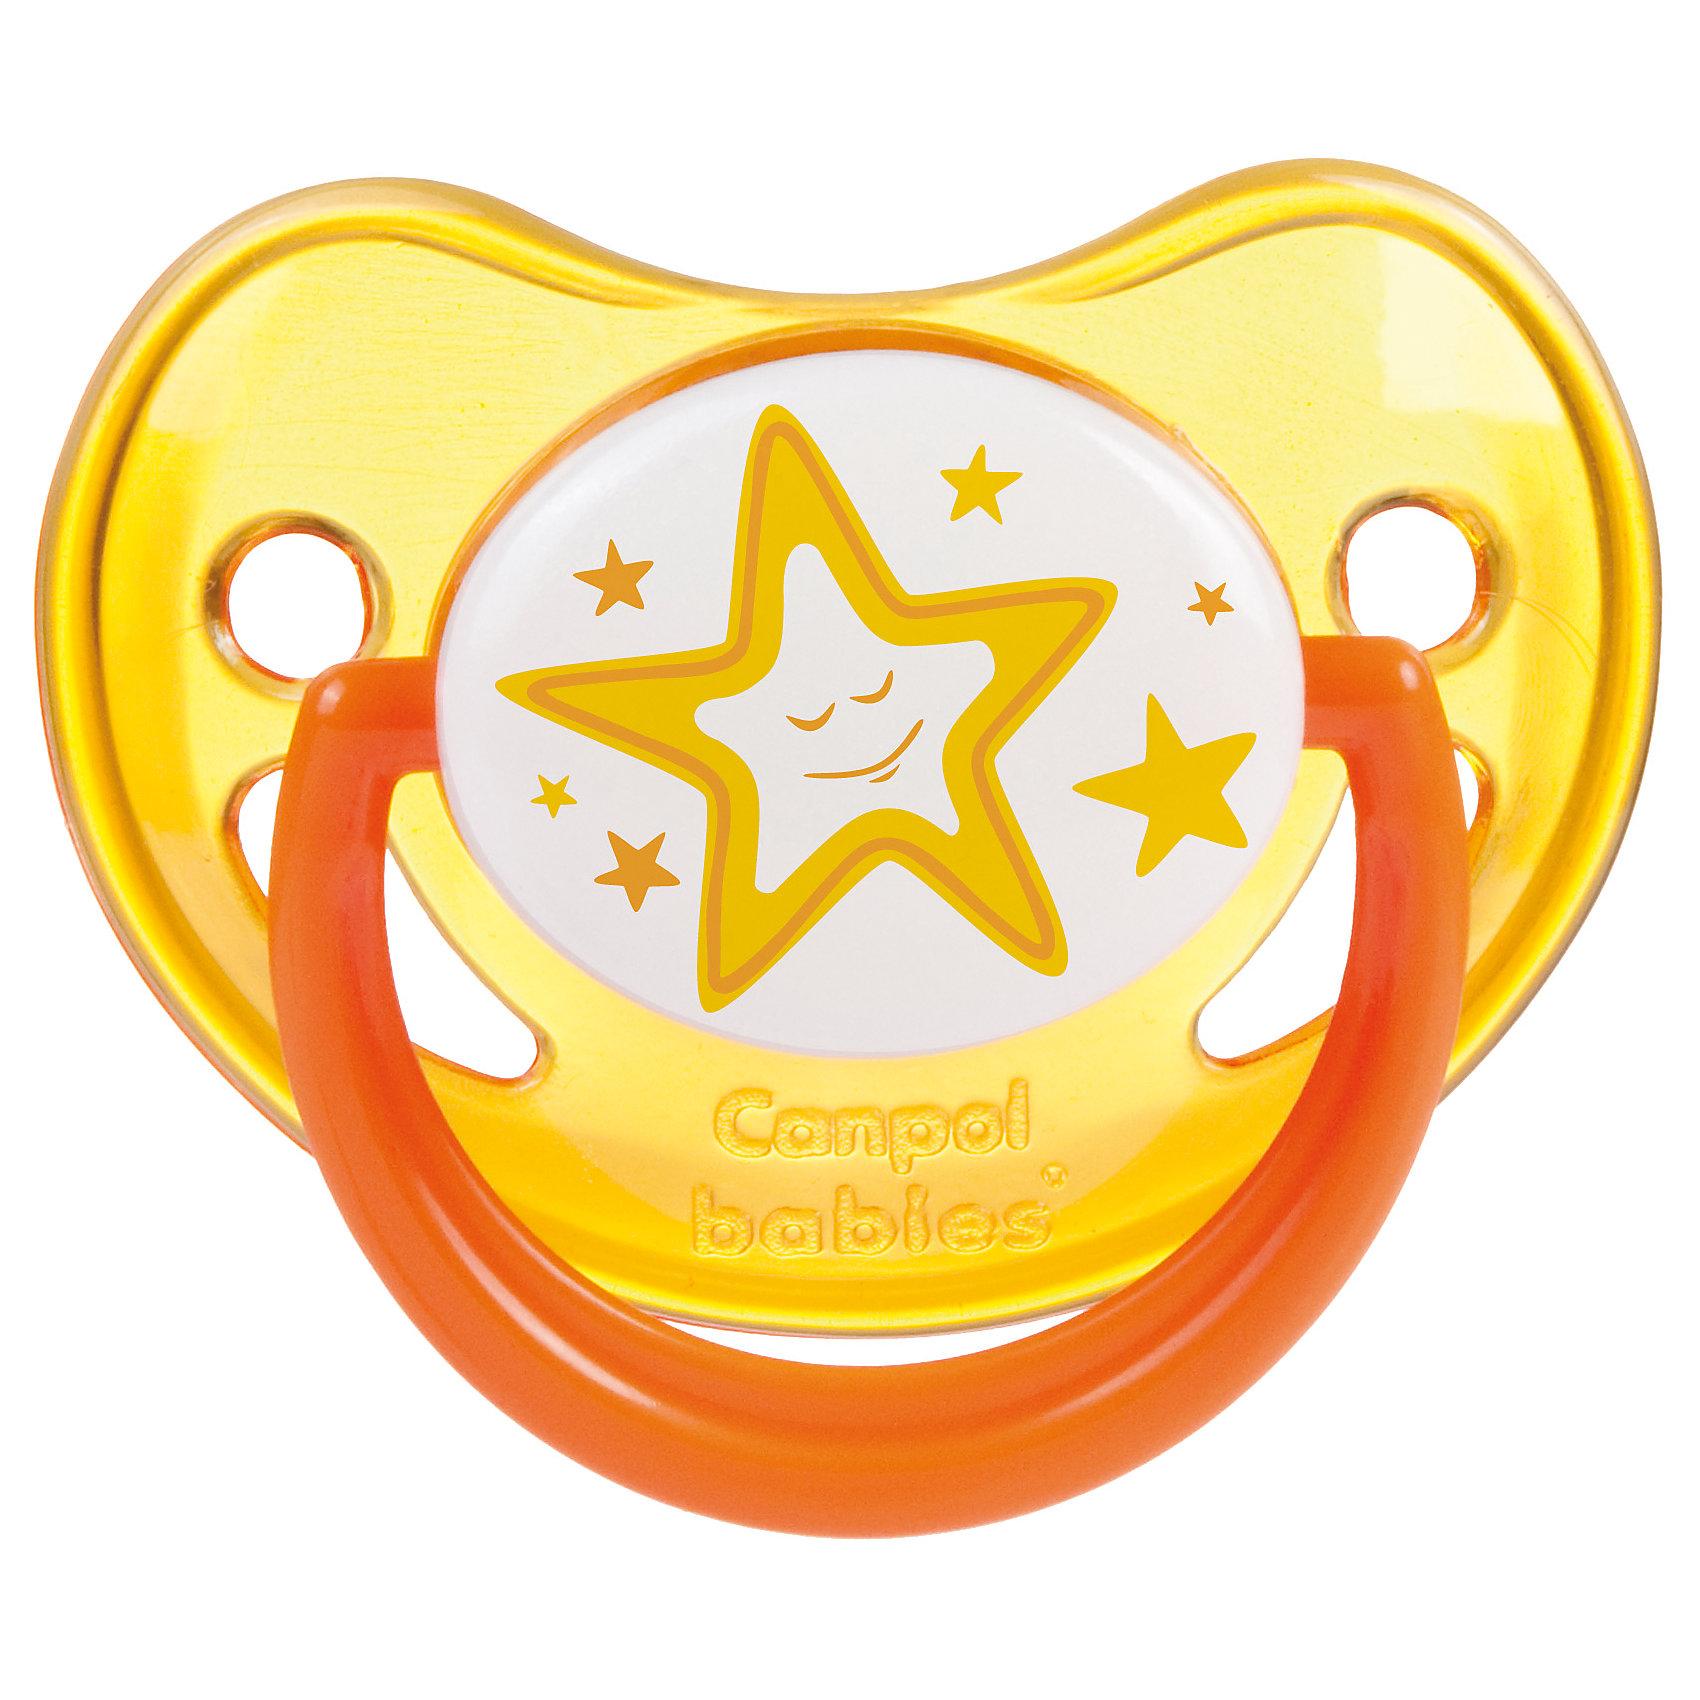 Пустышка анатомическая силиконовая, 0-6 Night Dreams, Canpol Babies, желтыйПустышки из силикона<br>Характеристики:<br><br>• Наименование: пустышка<br>• Пол: универсальный<br>• Материал: силикон, пластик<br>• Цвет: желтый, белый<br>• Форма: анатомическая<br>• Наличие отверстий для вентиляции<br>• Наличие кольца для держателя<br>• Особенности ухода: регулярная стерилизация и своевременная замена<br><br>Пустышка анатомическая силиконовая, 0-6 Night Dreams, Canpol Babies, желтый имеет специальную форму, которая обеспечивает правильное давление на небо. Изготовлена из запатентованного вида силикона, который не имеет запаха. При правильном уходе обеспечивает длительное использование. У соски имеется классический ограничитель с отверстиями для вентиляции и кольцо для держателя, которое светится в темноте. Пустышка анатомическая силиконовая, 0-6 Night Dreams, Canpol Babies, желтый выполнена в ярком дизайне с изображением звезд.<br><br>Пустышку анатомическую силиконовую, 0-6 Night Dreams, Canpol Babies, желтую можно купить в нашем интернет-магазине.<br><br>Ширина мм: 95<br>Глубина мм: 45<br>Высота мм: 155<br>Вес г: 110<br>Возраст от месяцев: 0<br>Возраст до месяцев: 6<br>Пол: Унисекс<br>Возраст: Детский<br>SKU: 5156610